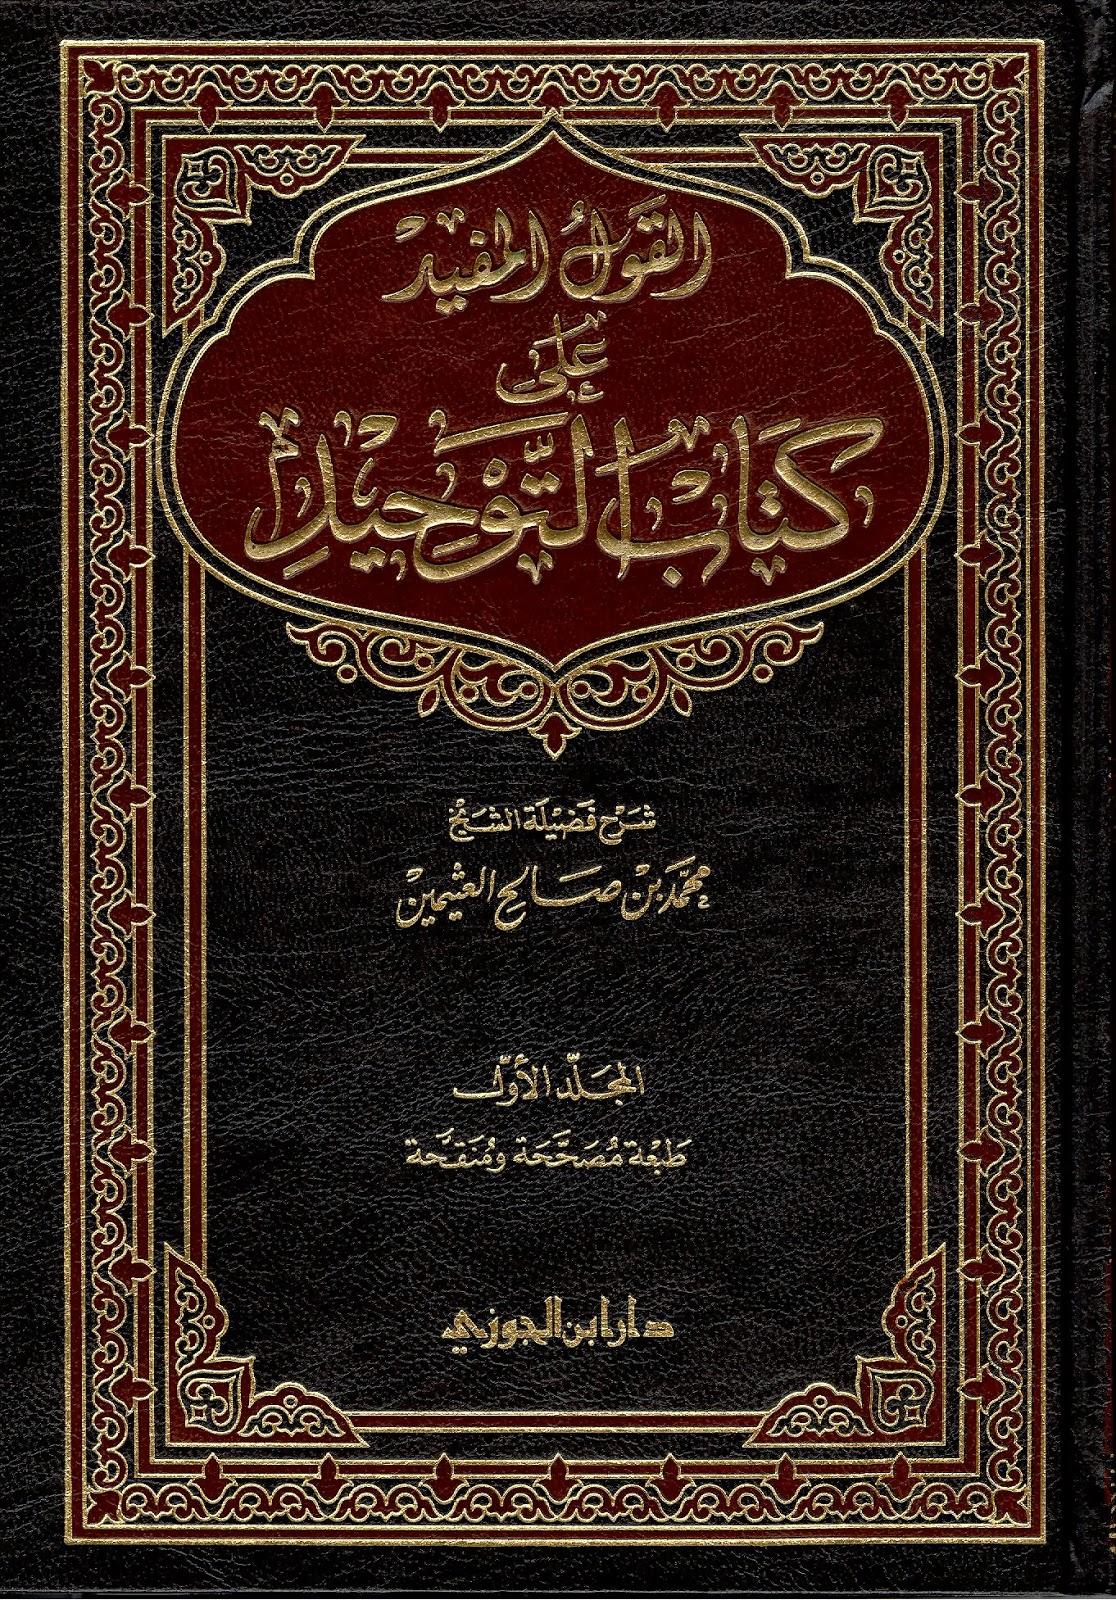 كتاب ملة ابراهيم